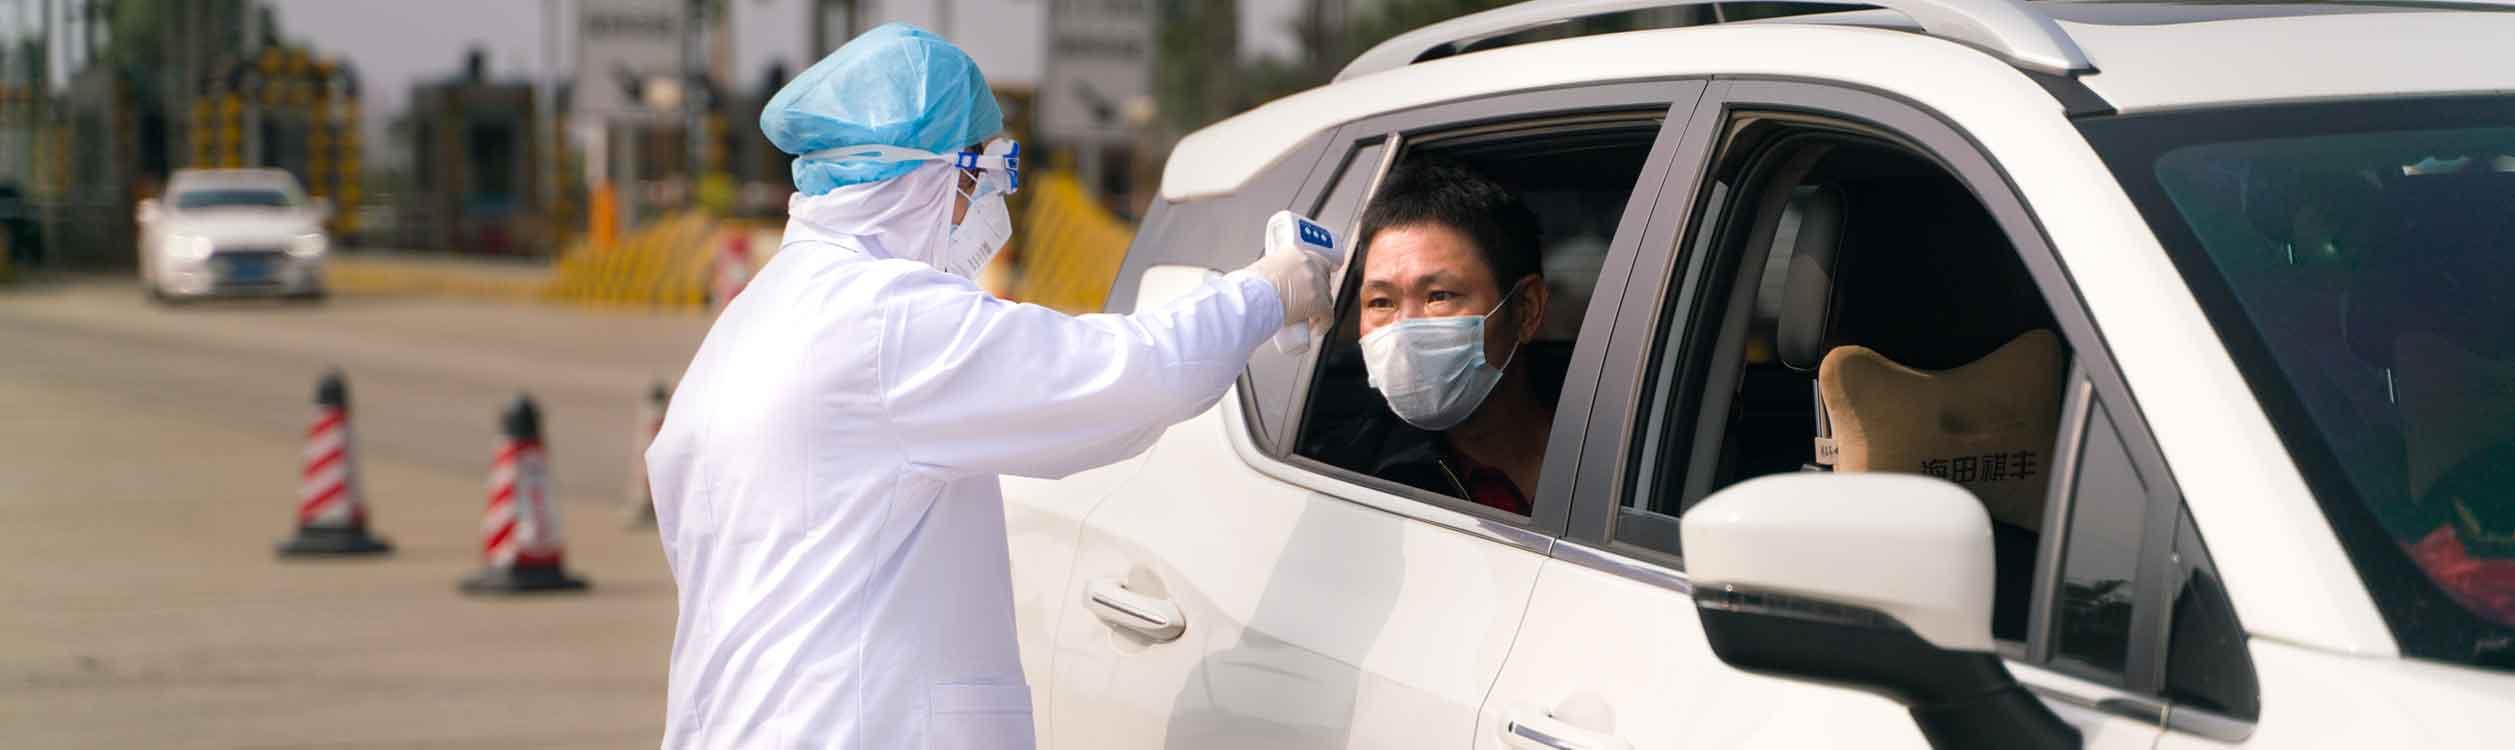 Ein Coronavirus-Kontrollposten in China auf der Autobahn. Die Ärzte kontrollieren die Temperatur eines Fahrgastes.